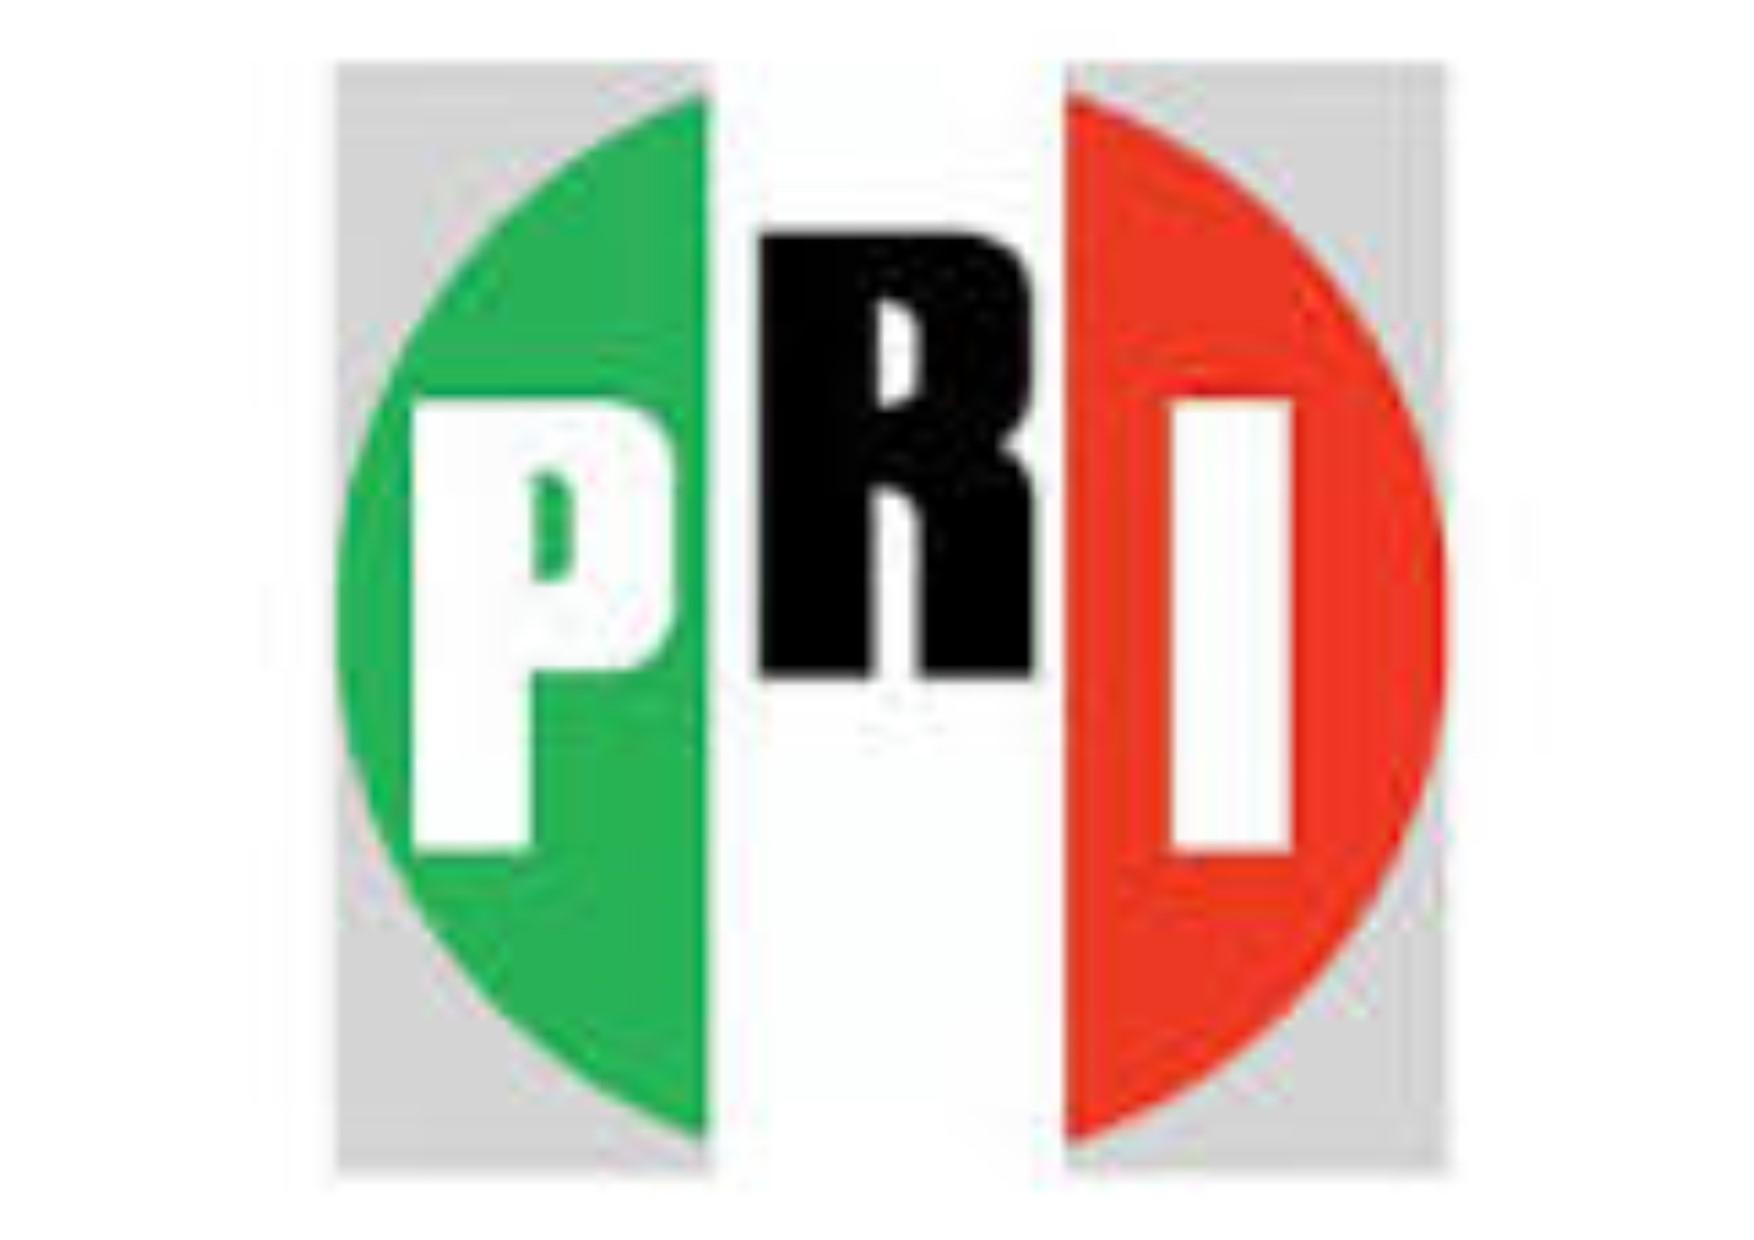 Alerta PRI ante extorsiones a nombre de este Instituto Político y su Presidente